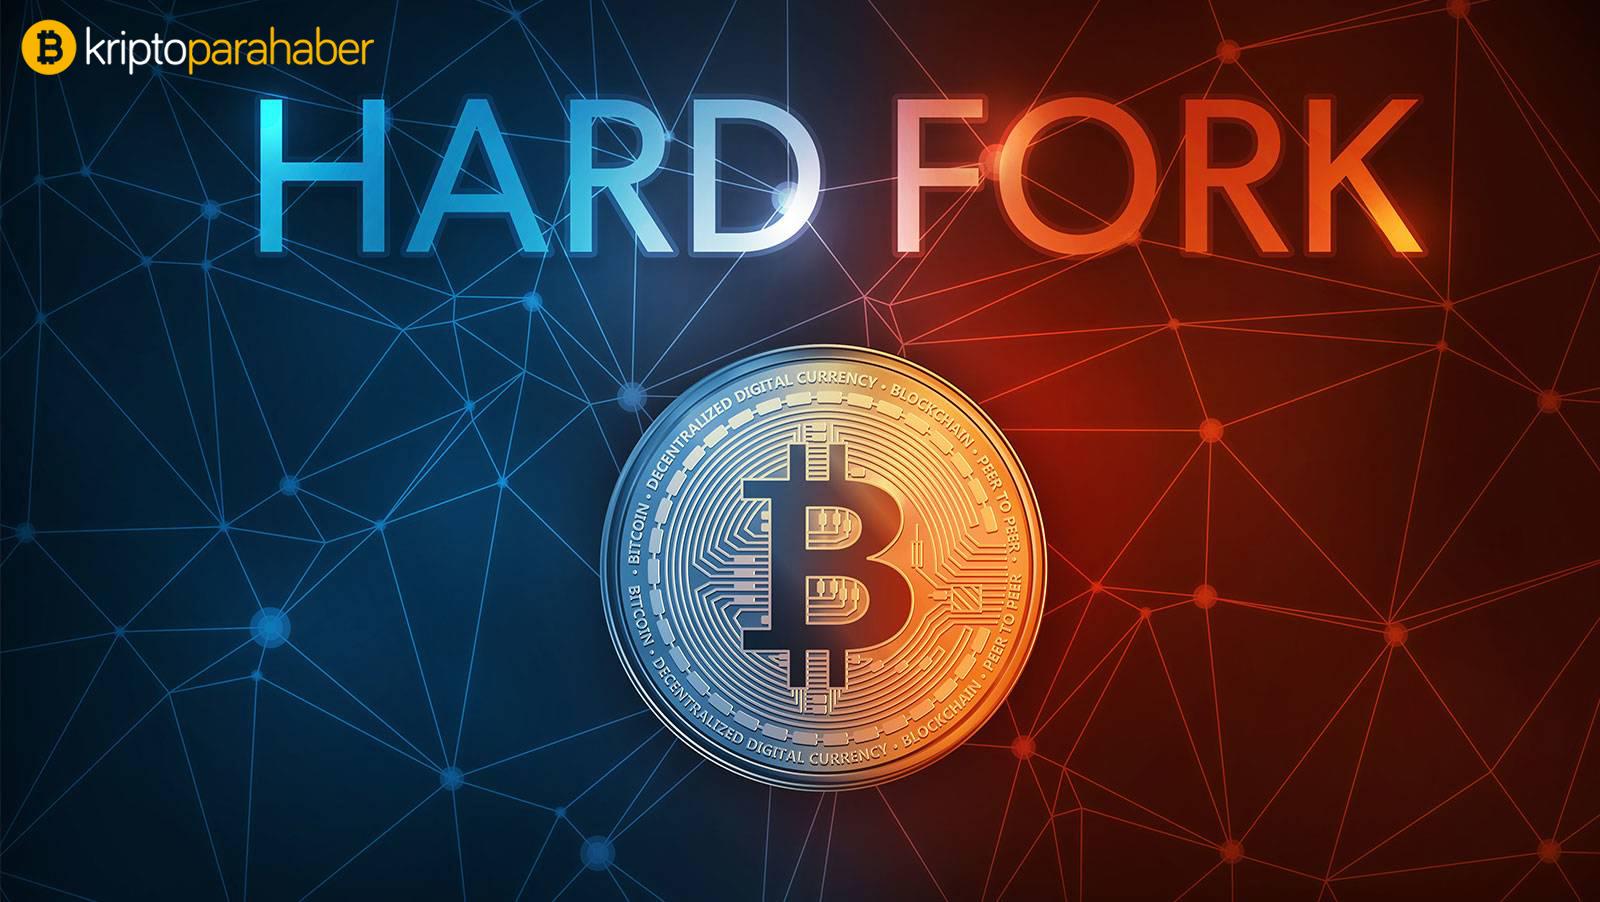 İşte Bitcoin hard fork'ları ve arkasındaki geliştiriciler